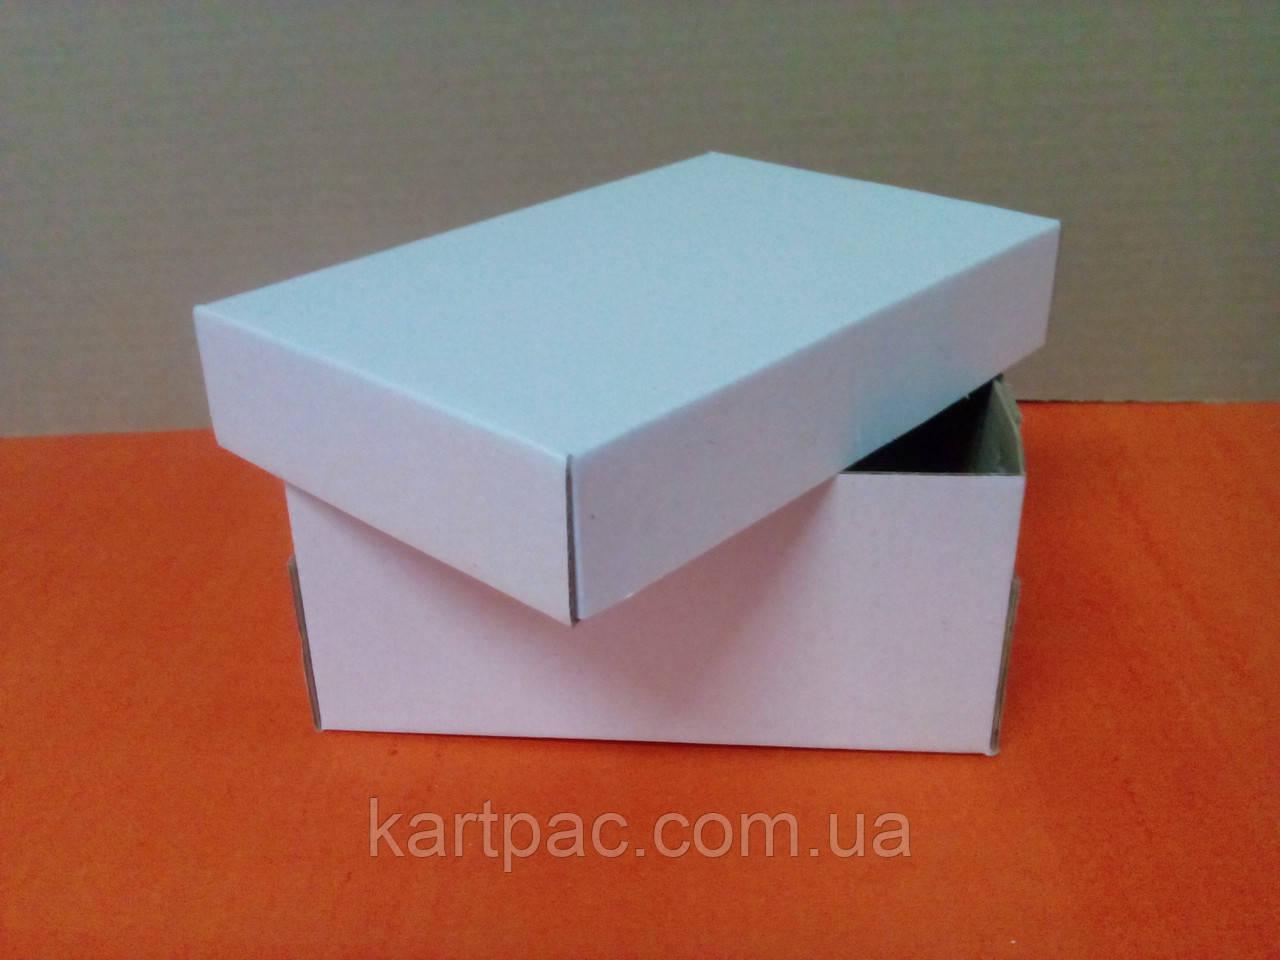 Упаковка з мікрогофрокартону 150*100*70 (52)